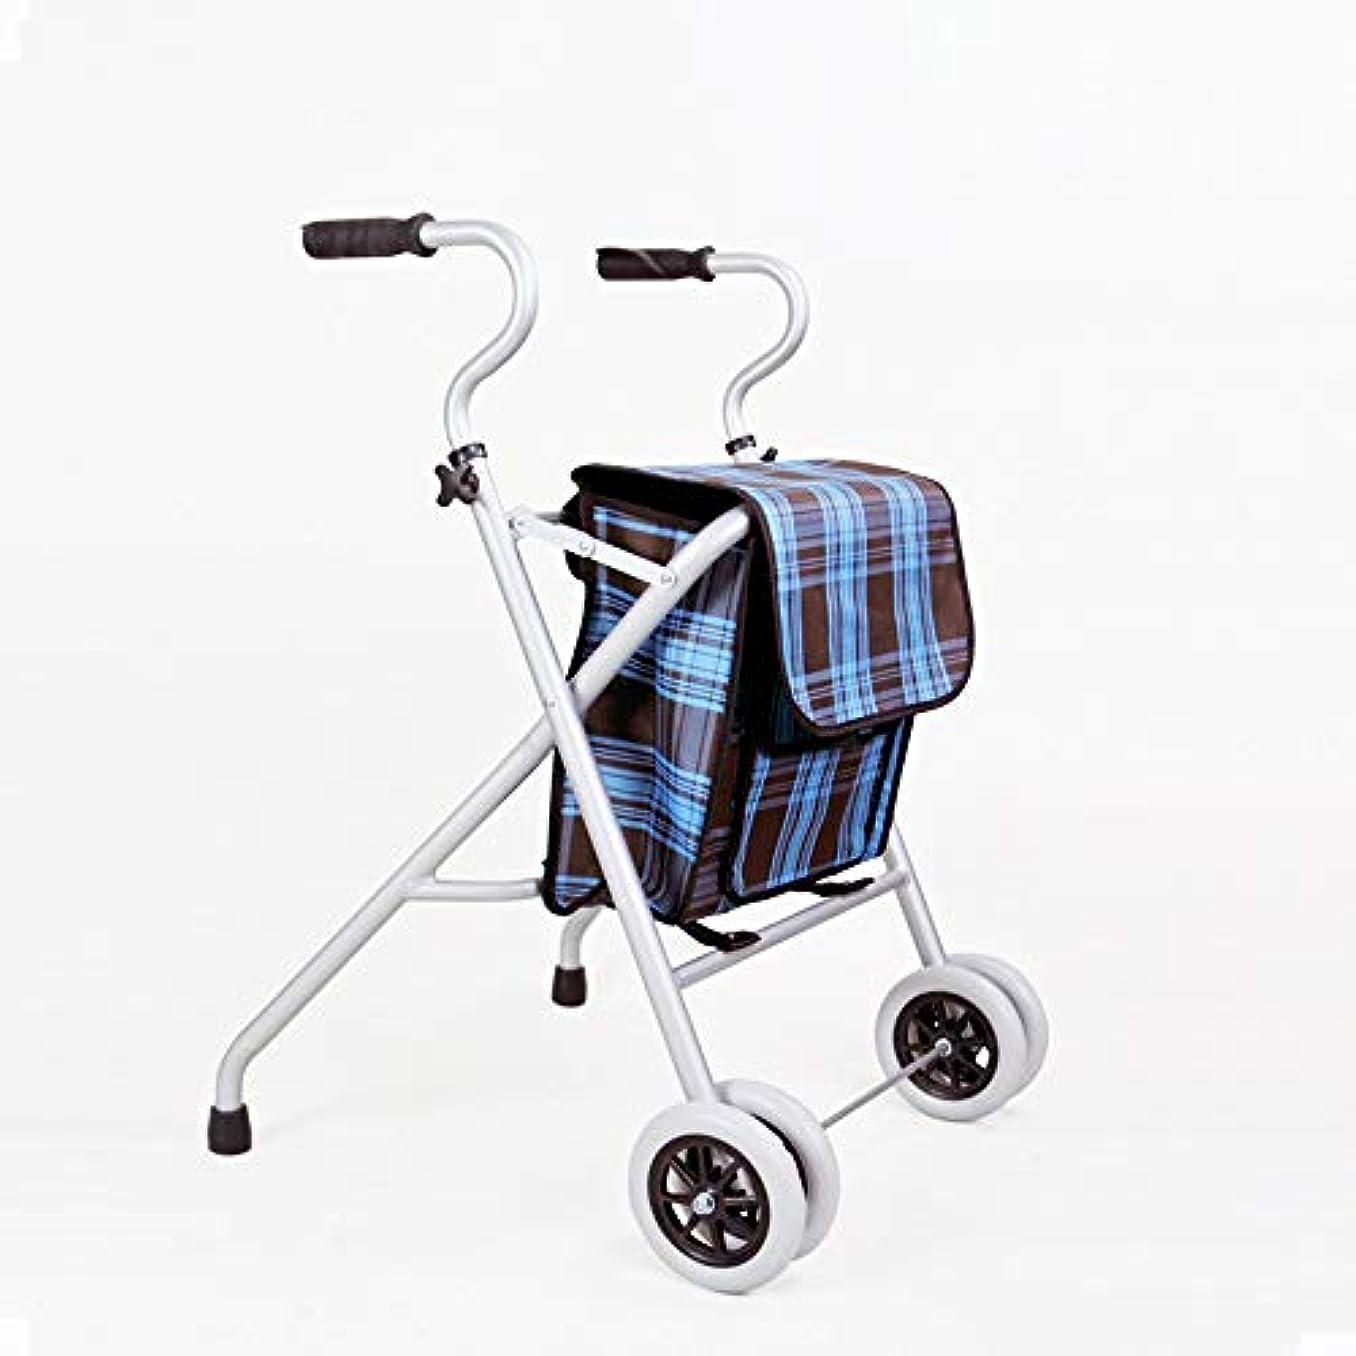 肘願う先のことを考えるキャリーバッグ付き軽量アルミニウム折りたたみ式歩行器、高さ調節可能、移動補助具